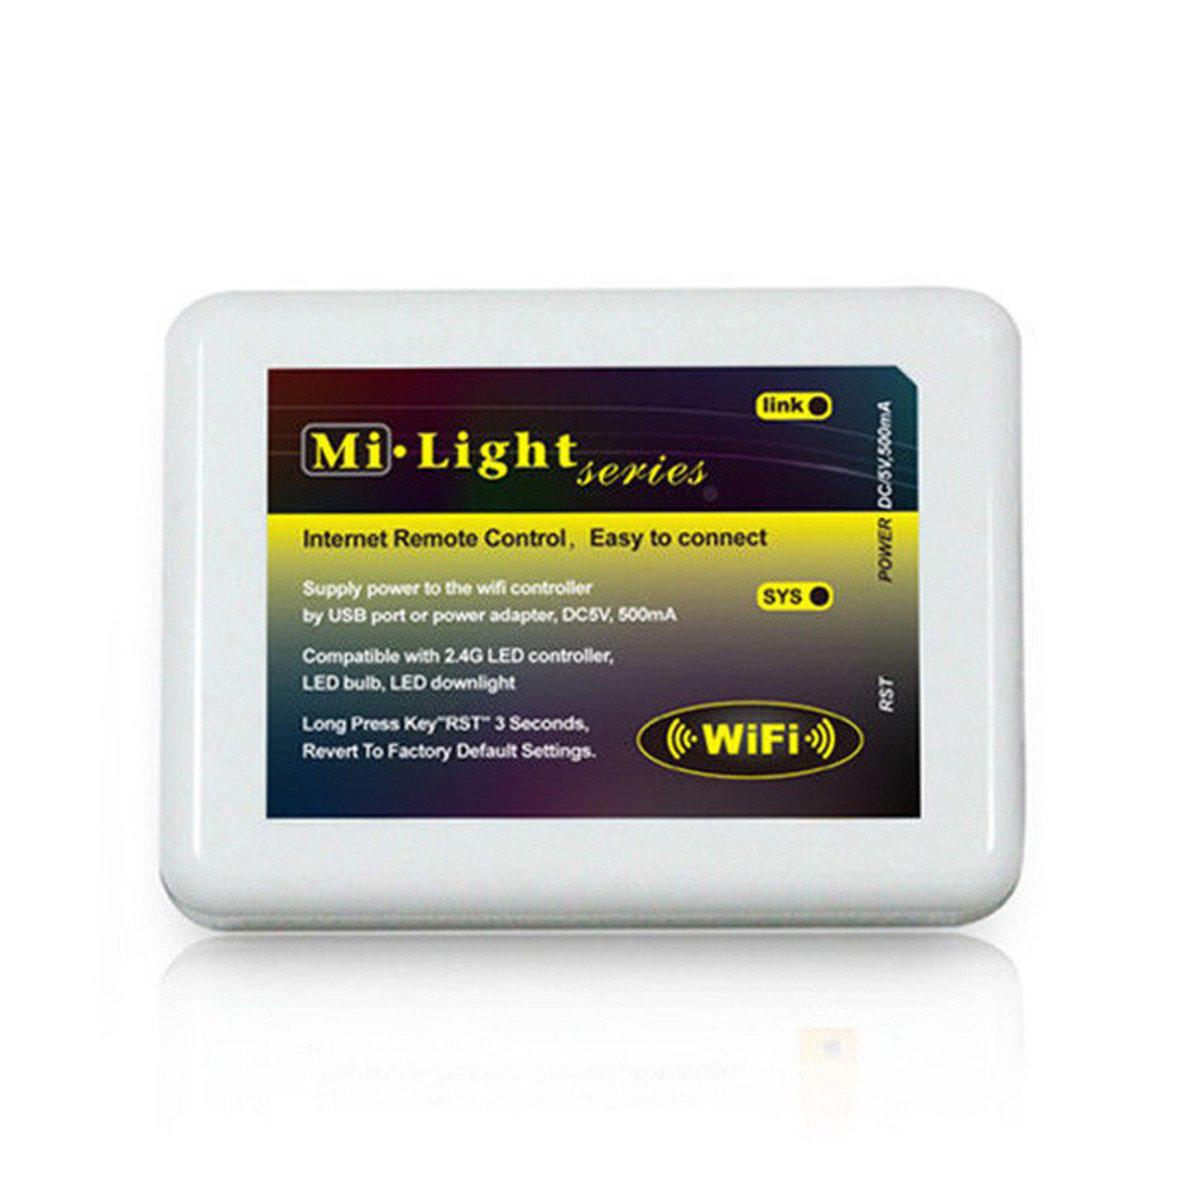 智能燈泡 Wi-Fi 接收器控制盒 (FUT097)